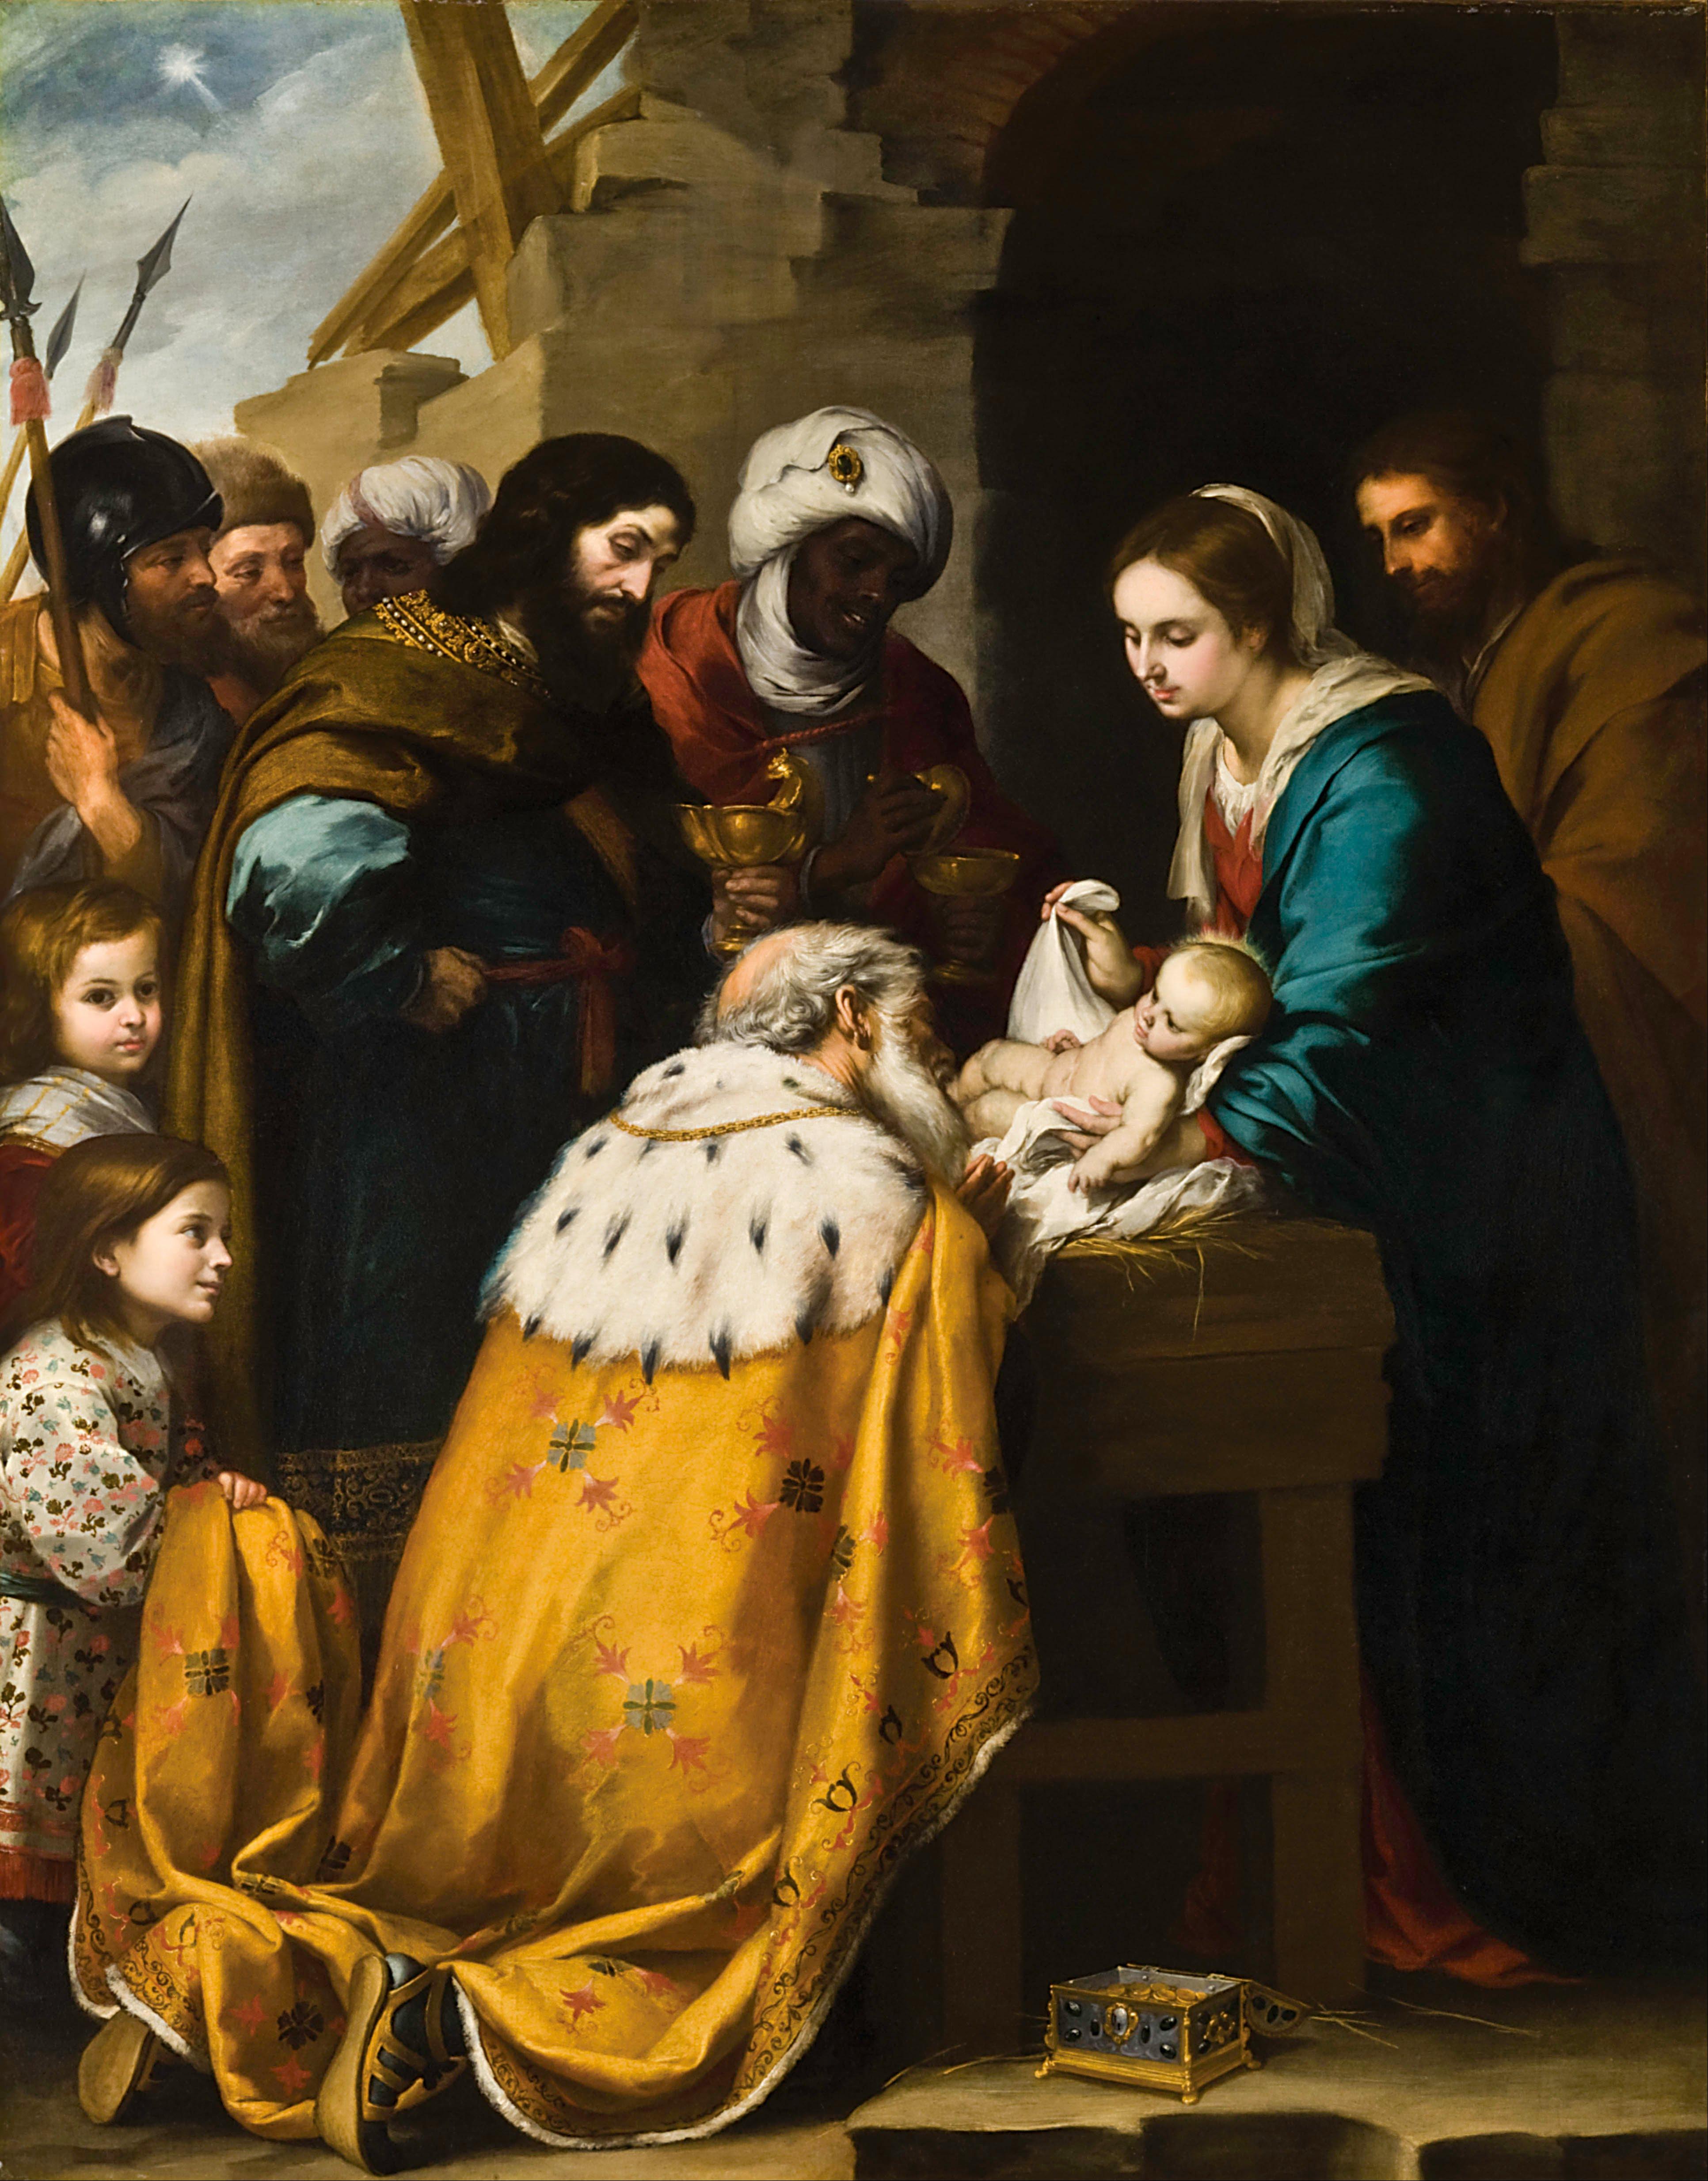 Adorazione dei Magi by Bartolomé Esteban Murillo, c. 1655 (Toledo Museum of Art, Ohio